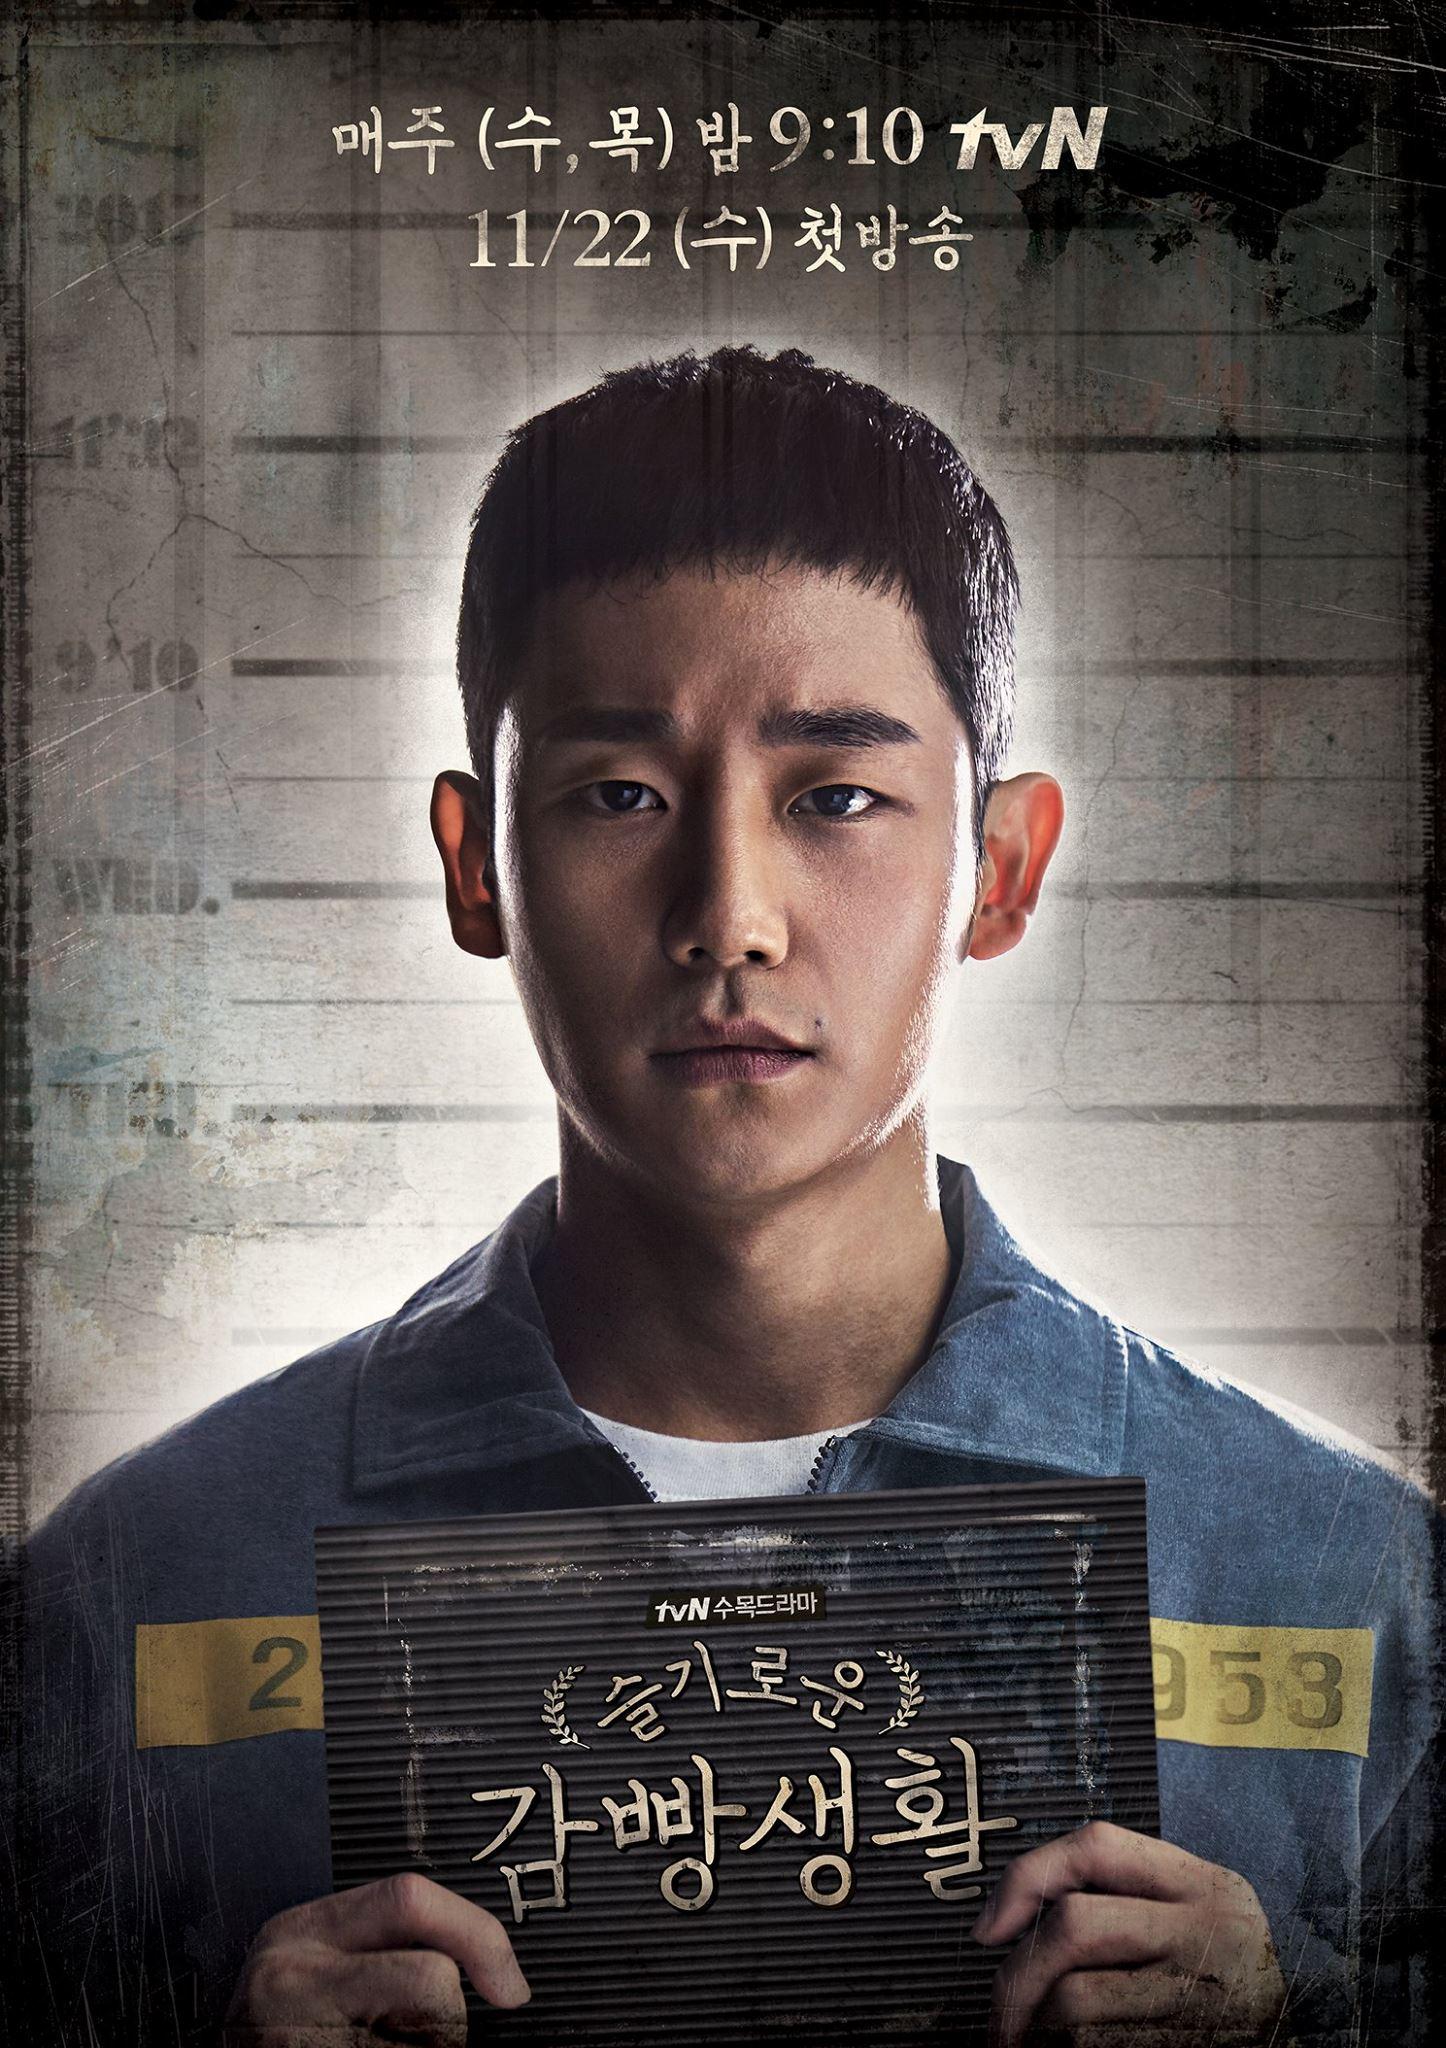 jung hae in được khán giả mong chờ vào vai phản diện trong phim Hàn